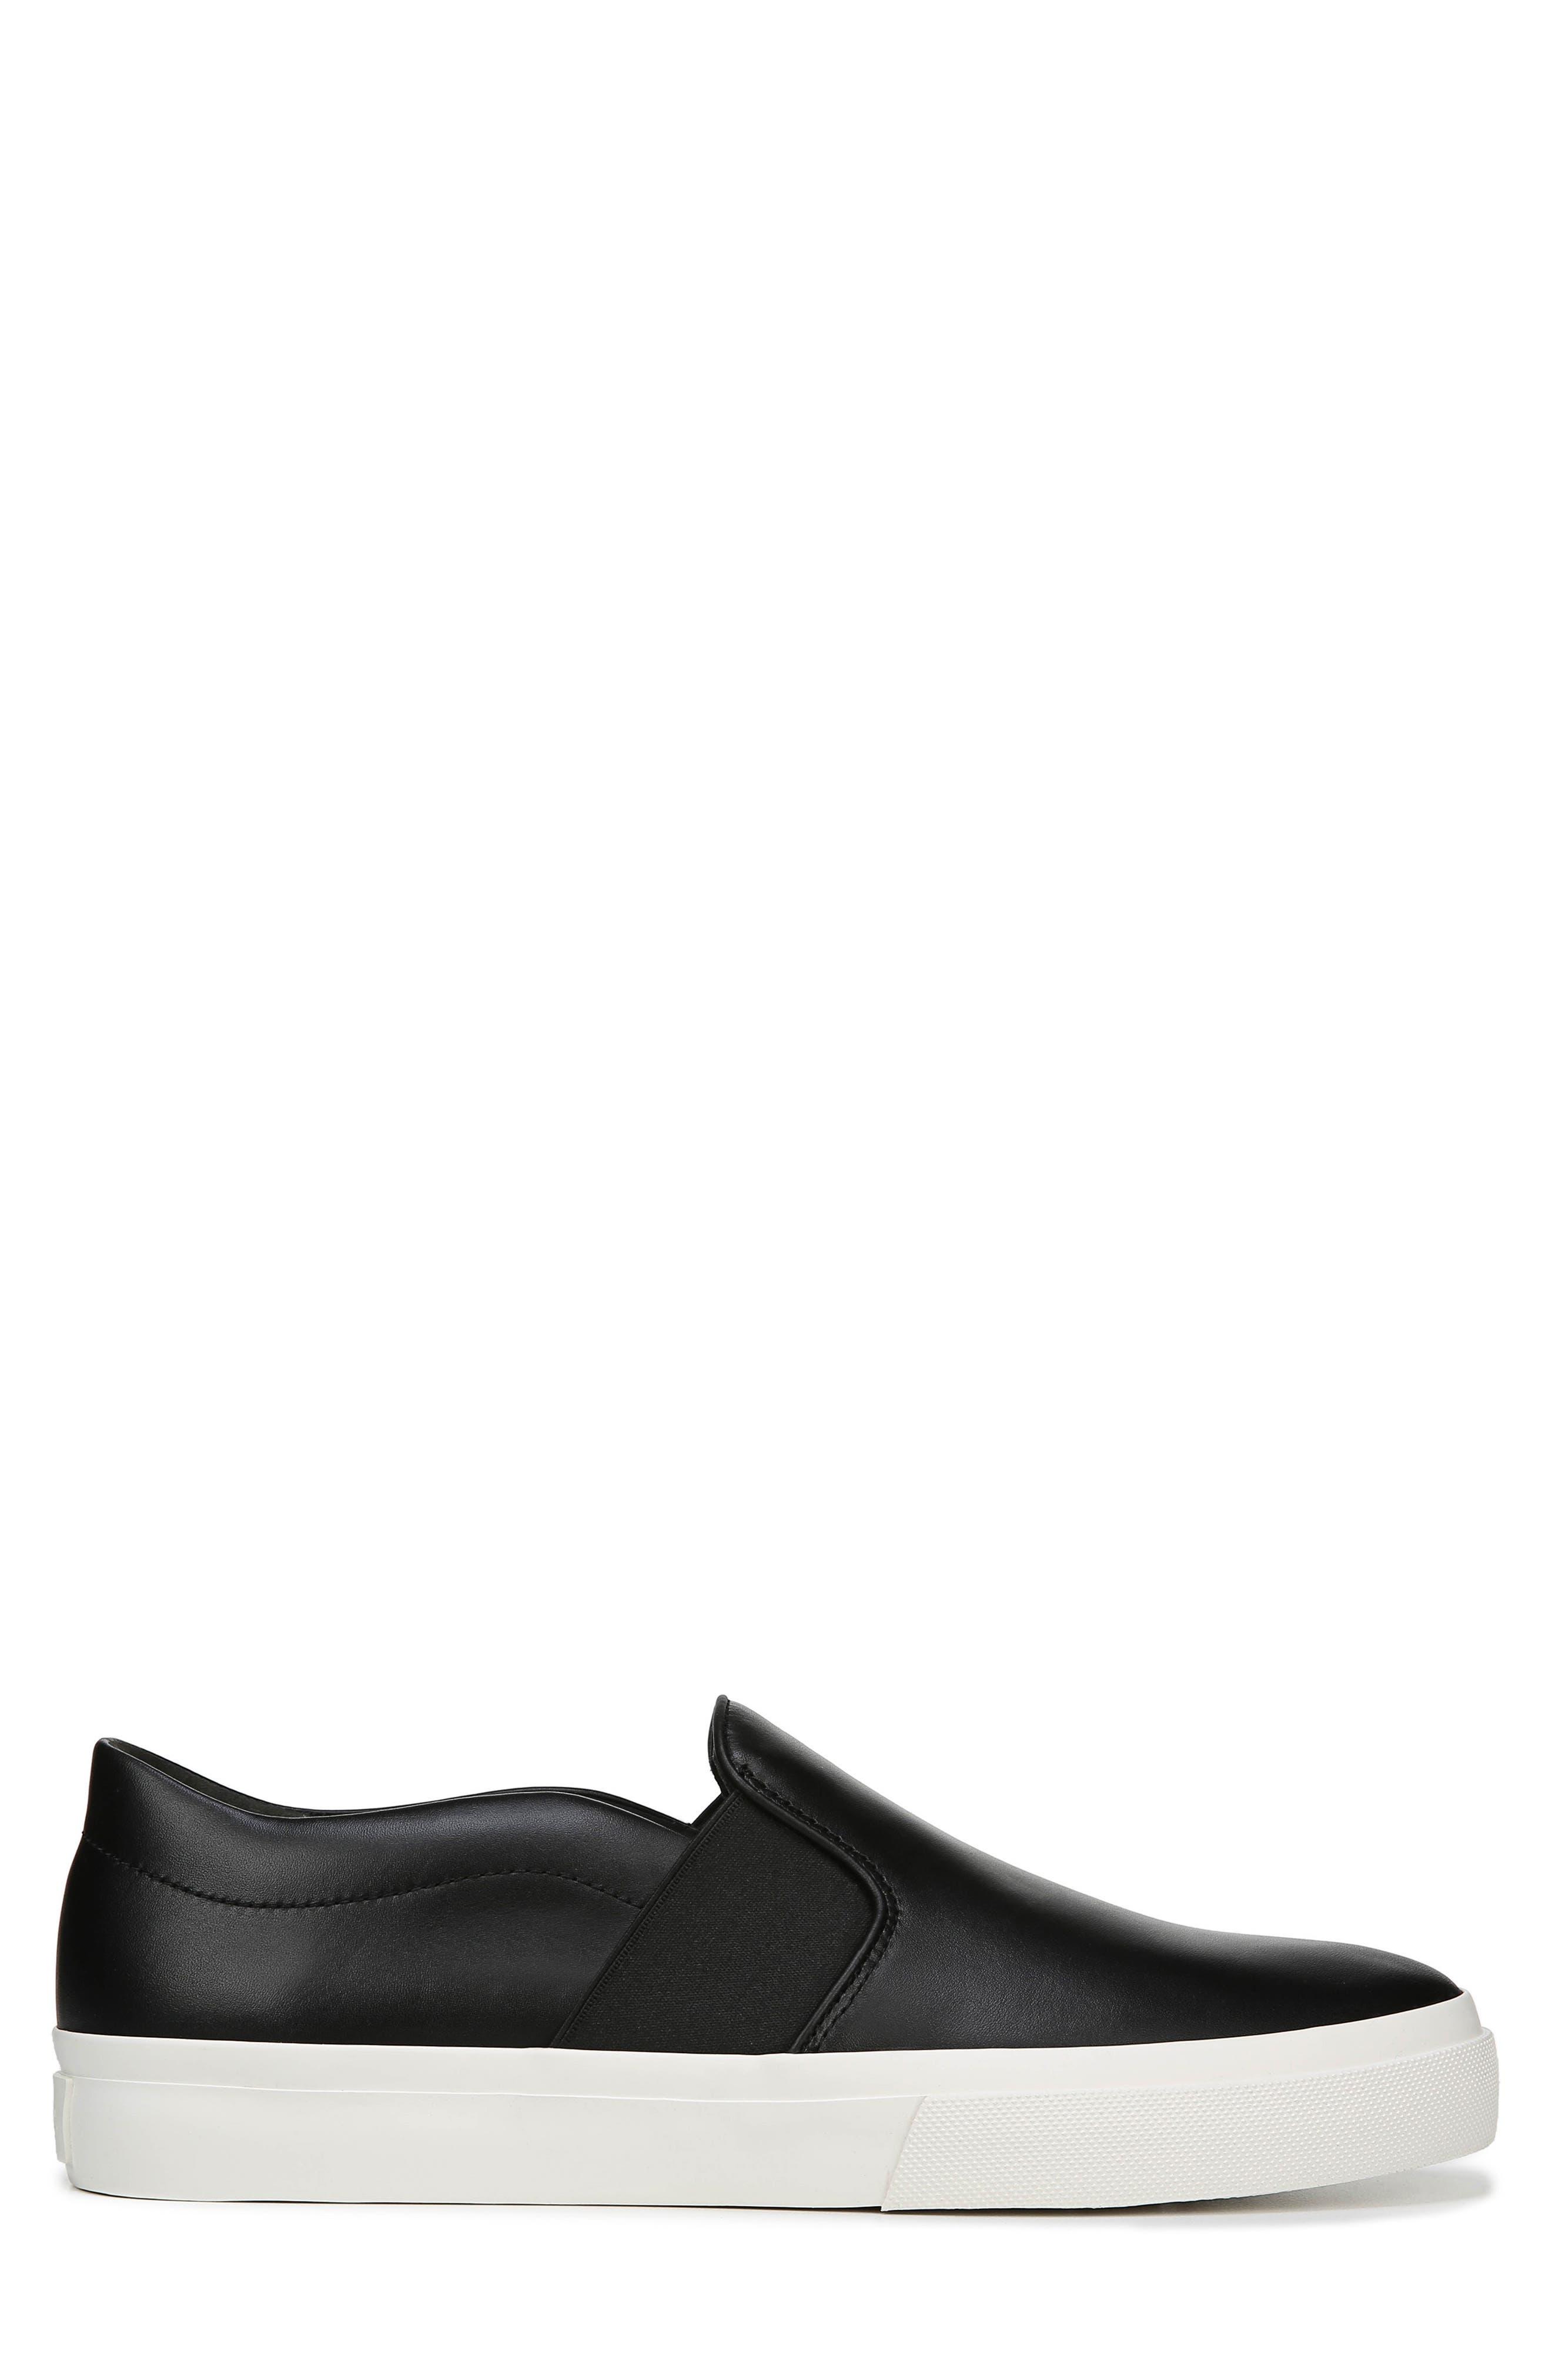 Fenton Slip-On  Sneaker,                             Alternate thumbnail 3, color,                             BLACK/ BLACK